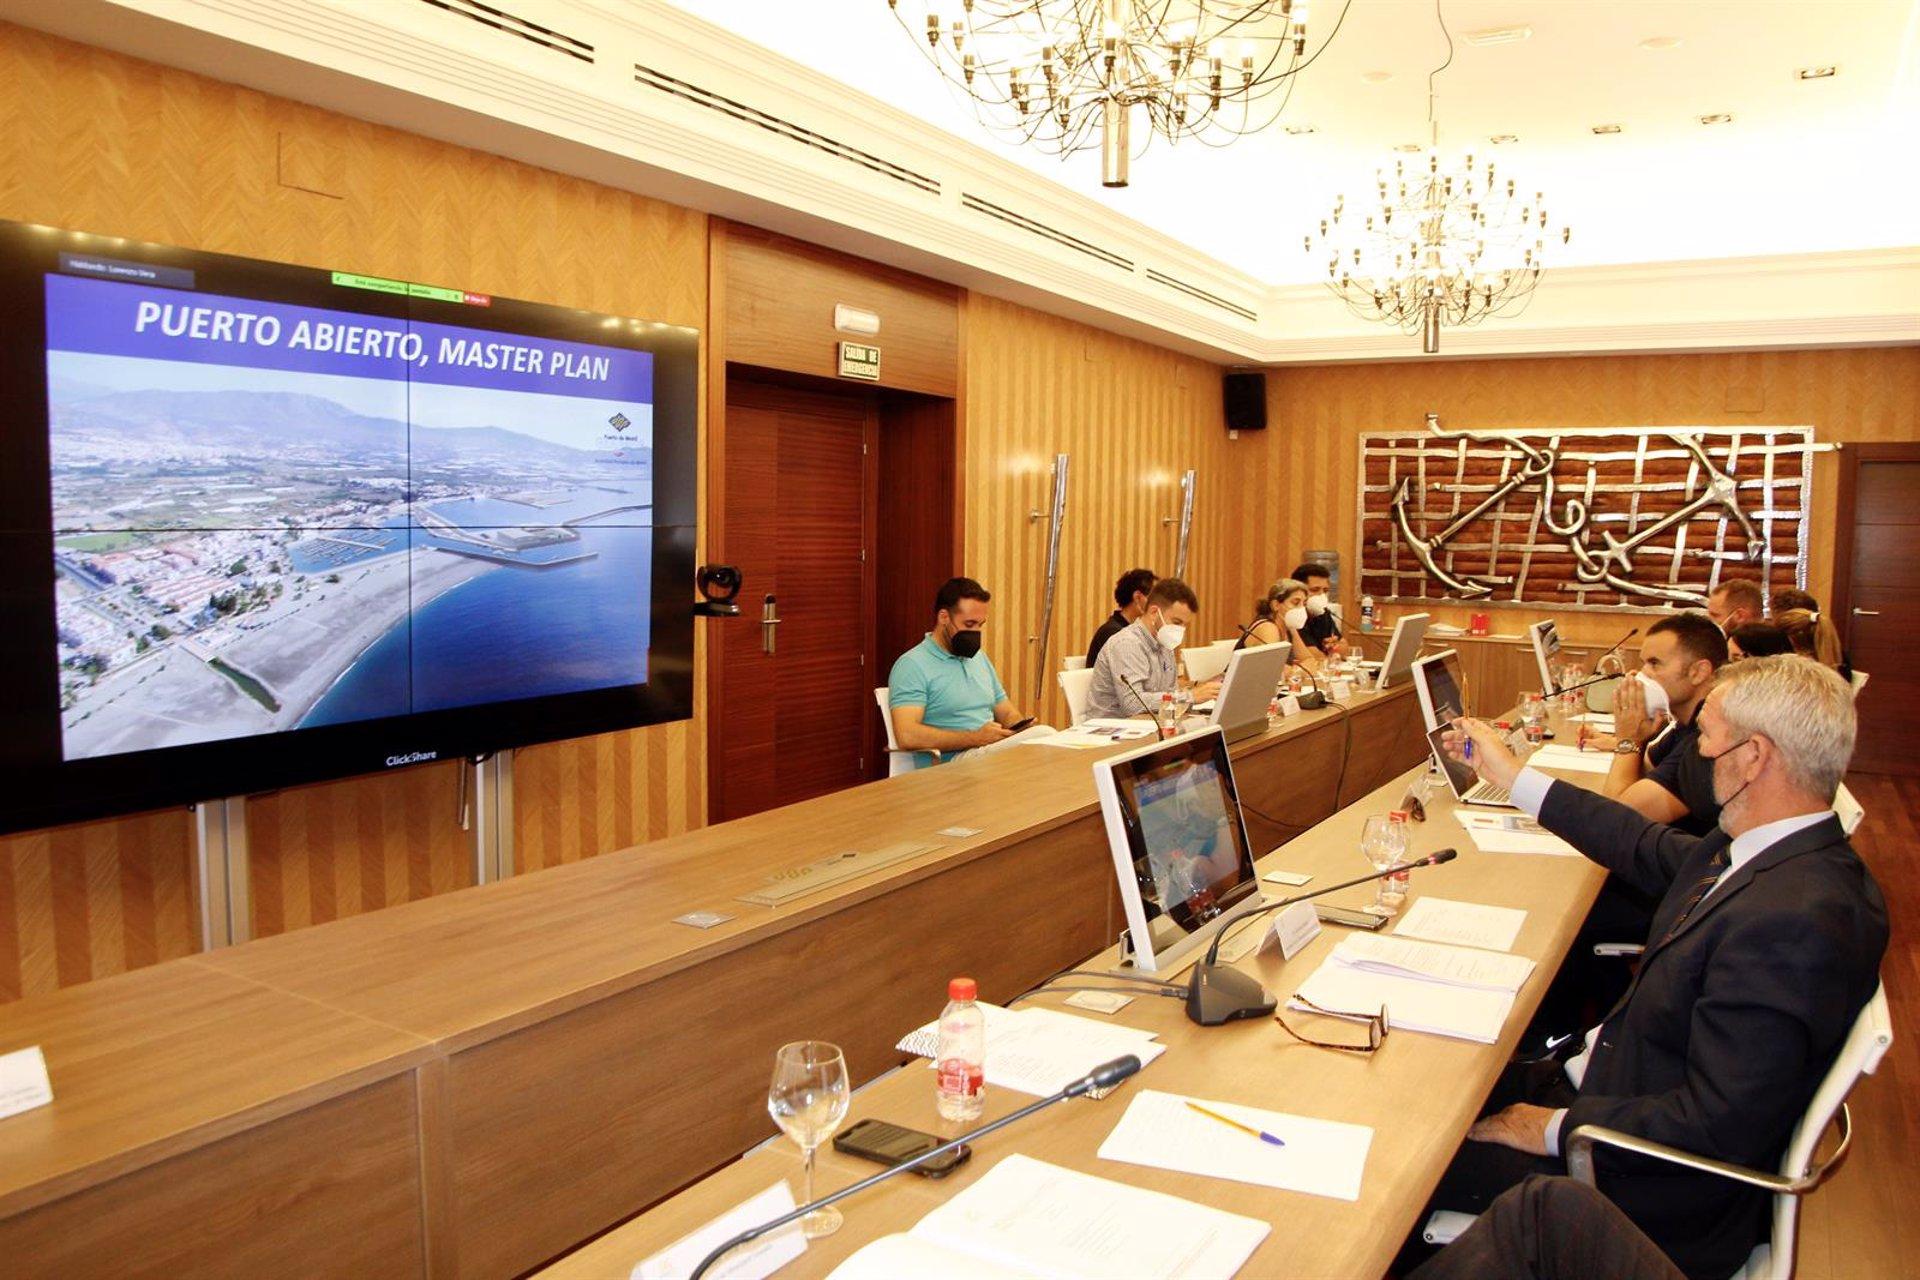 El puerto se suma a la asociación RETE, dedicada a promover la colaboración entre puertos y ciudades